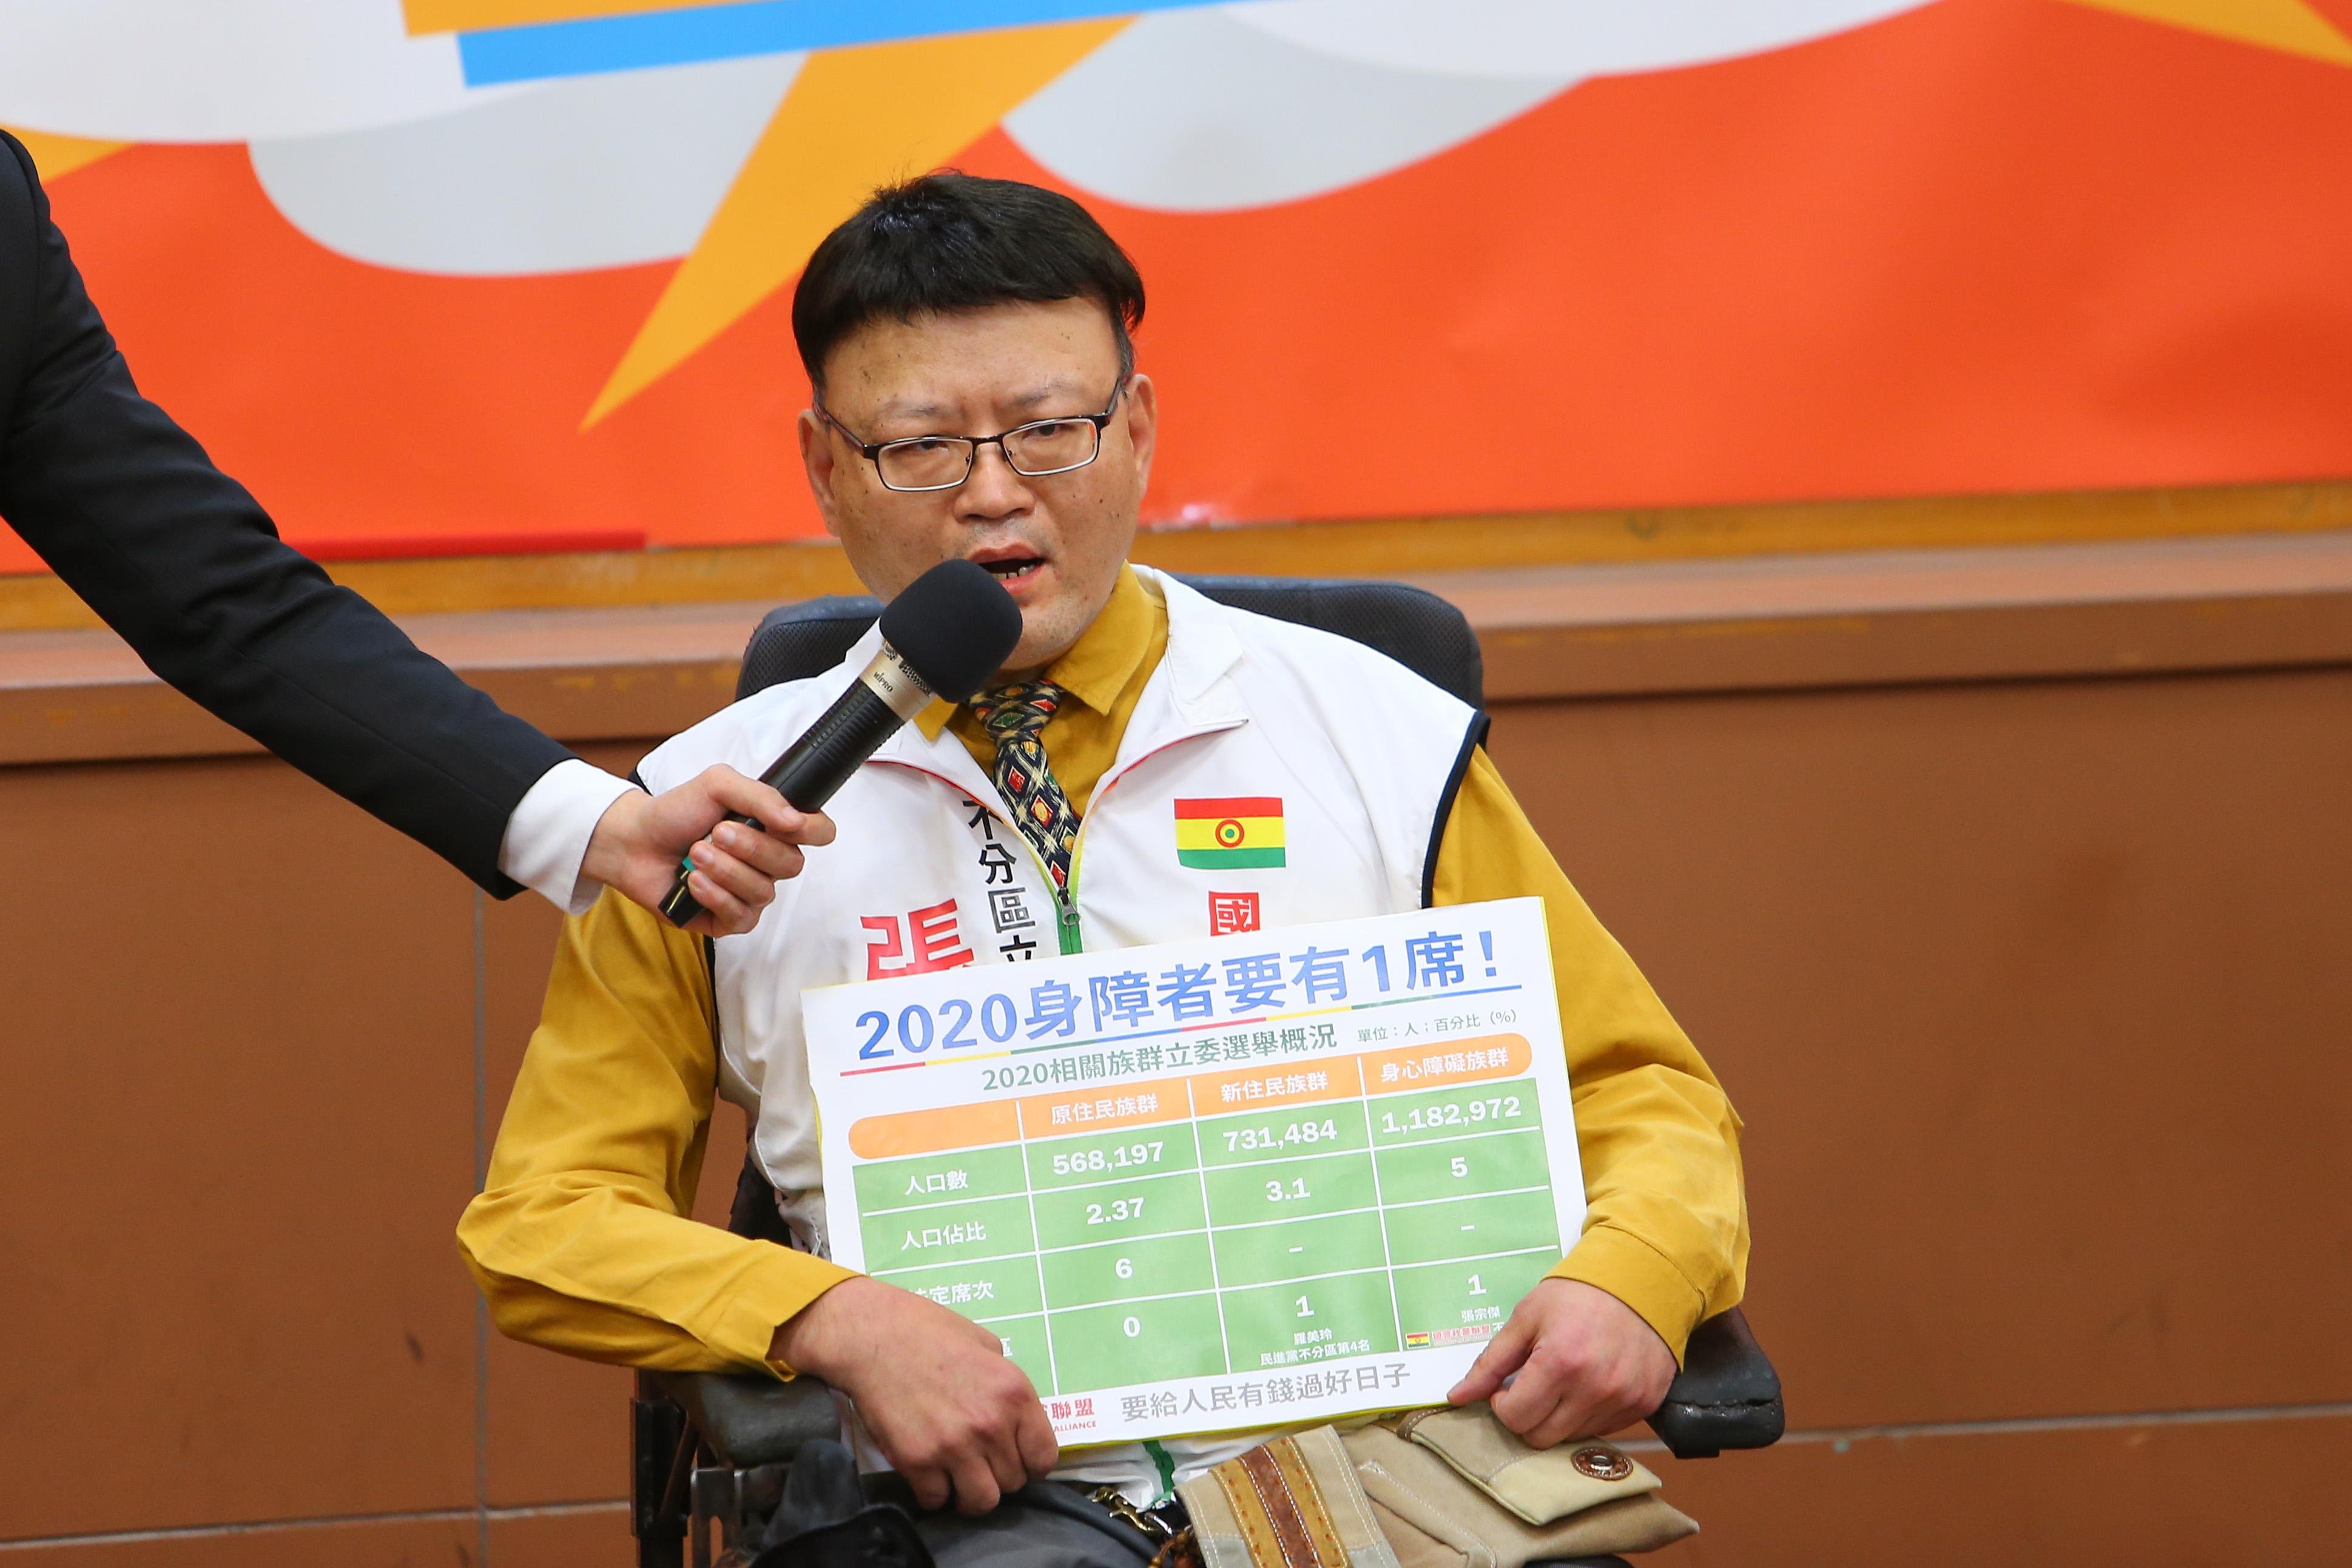 20191214-國會政黨聯盟代表張宗傑14日出席中華辯論推廣協進會舉辦政黨票辯論會。(顏麟宇攝)